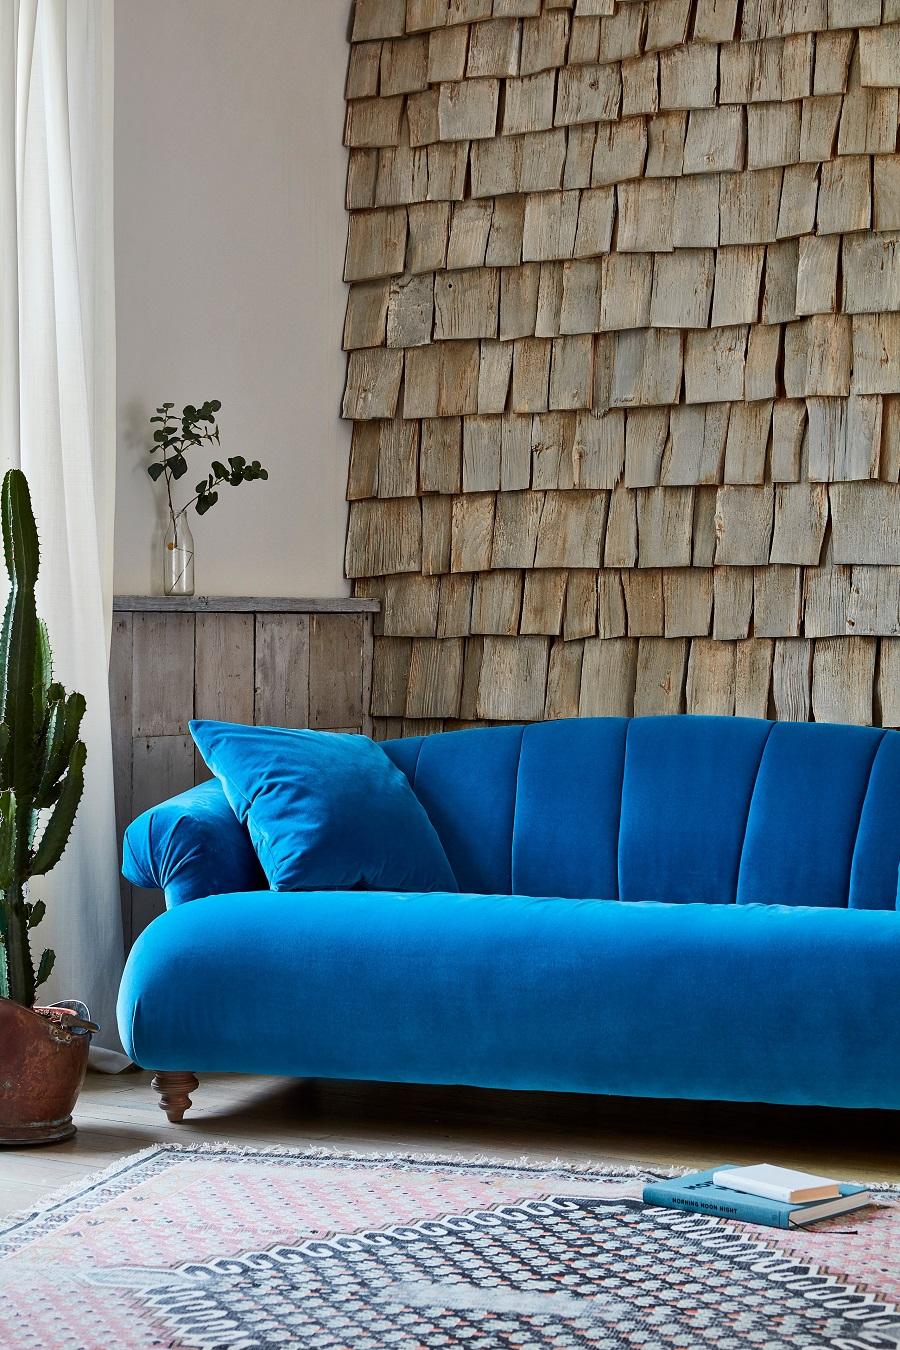 Stunning Sofa Design in blue velvet